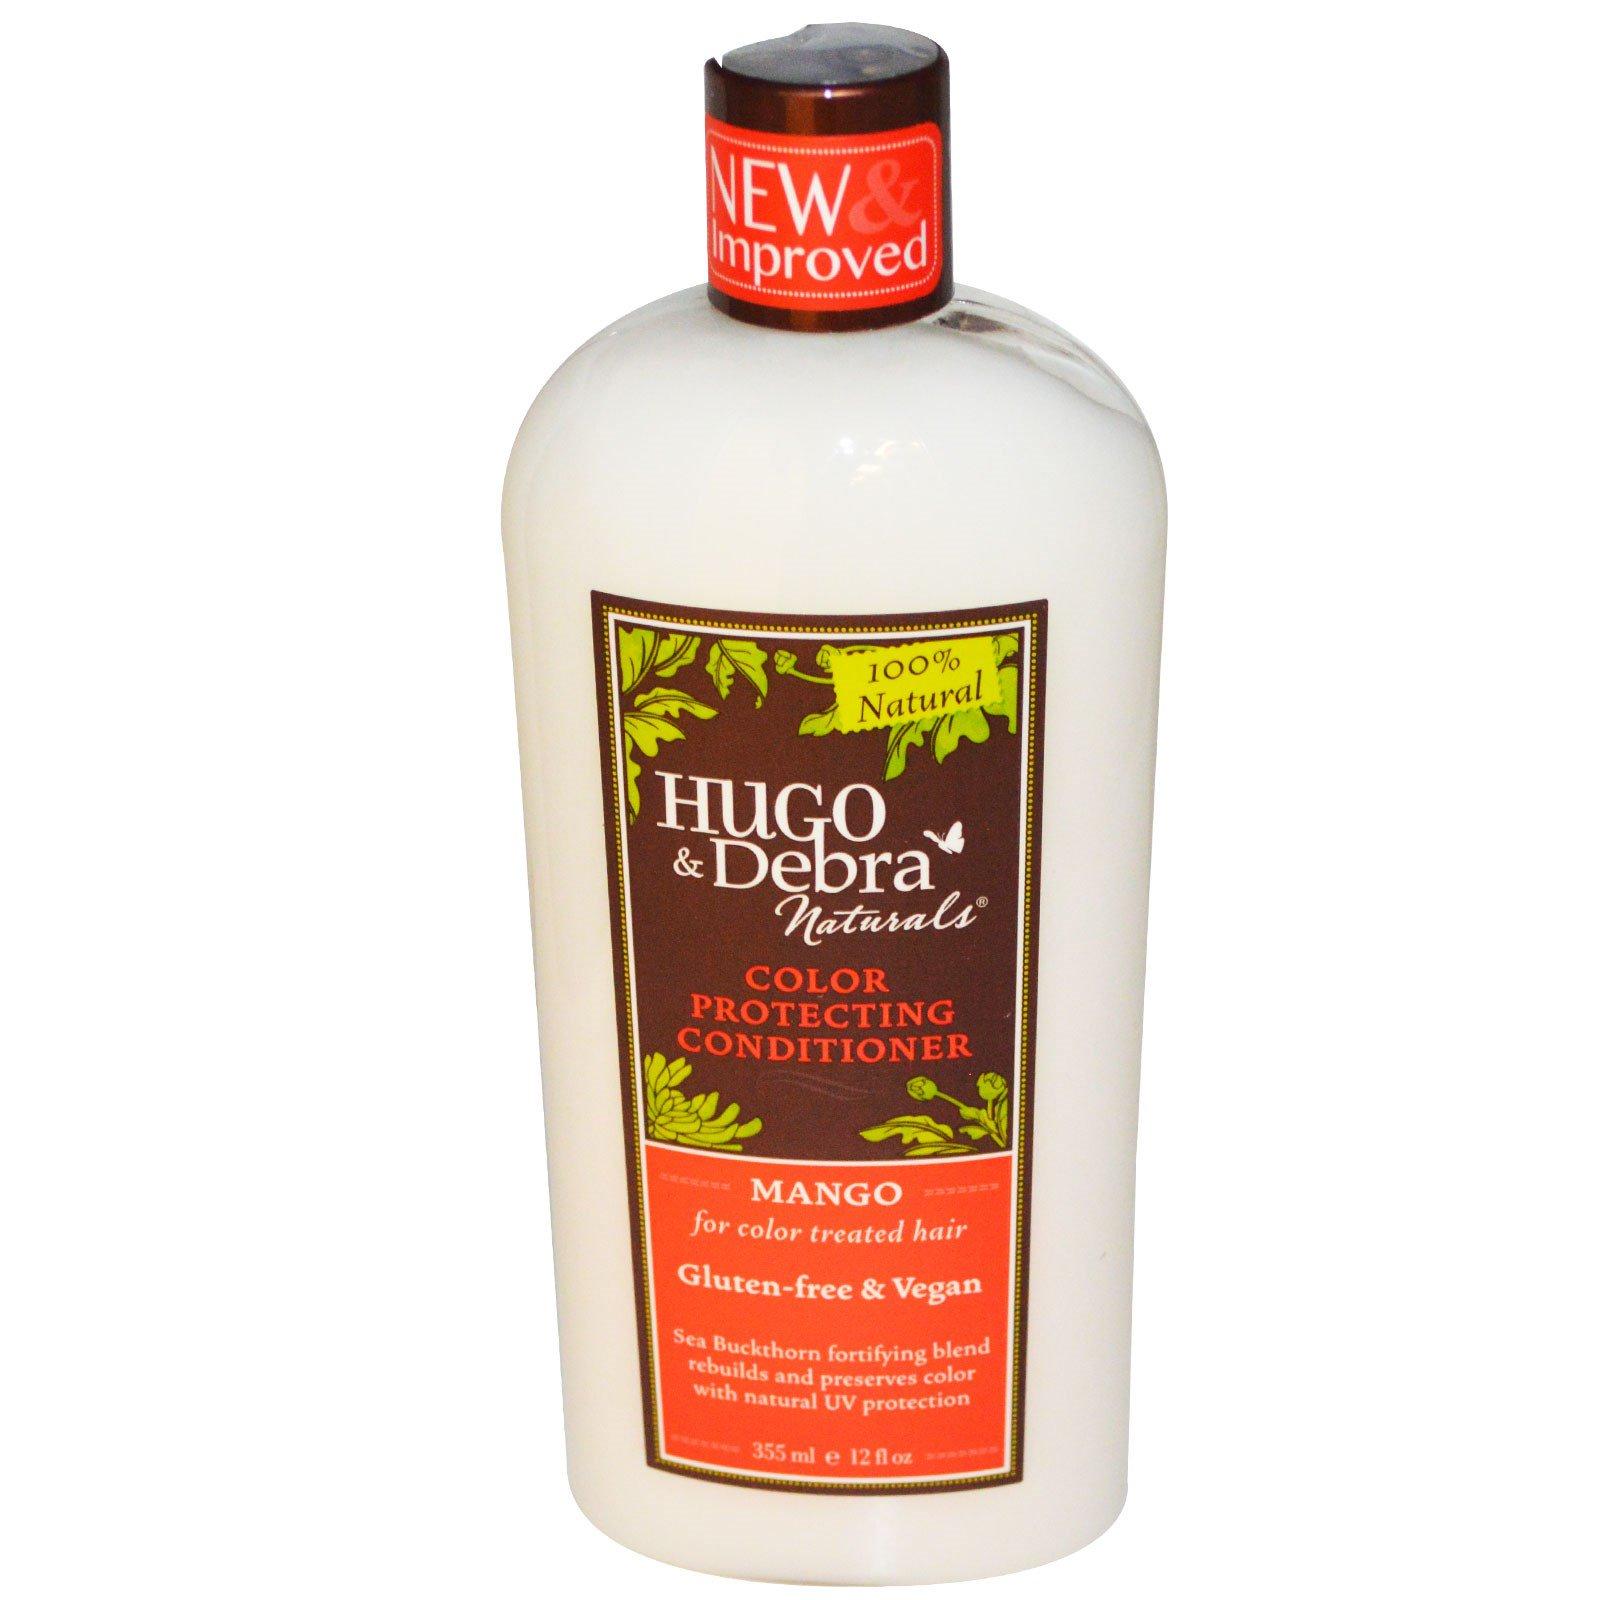 Hugo Naturals, Кондиционер для защиты окрашенных волос, манго, 12 жидк. унц. (355 мл)